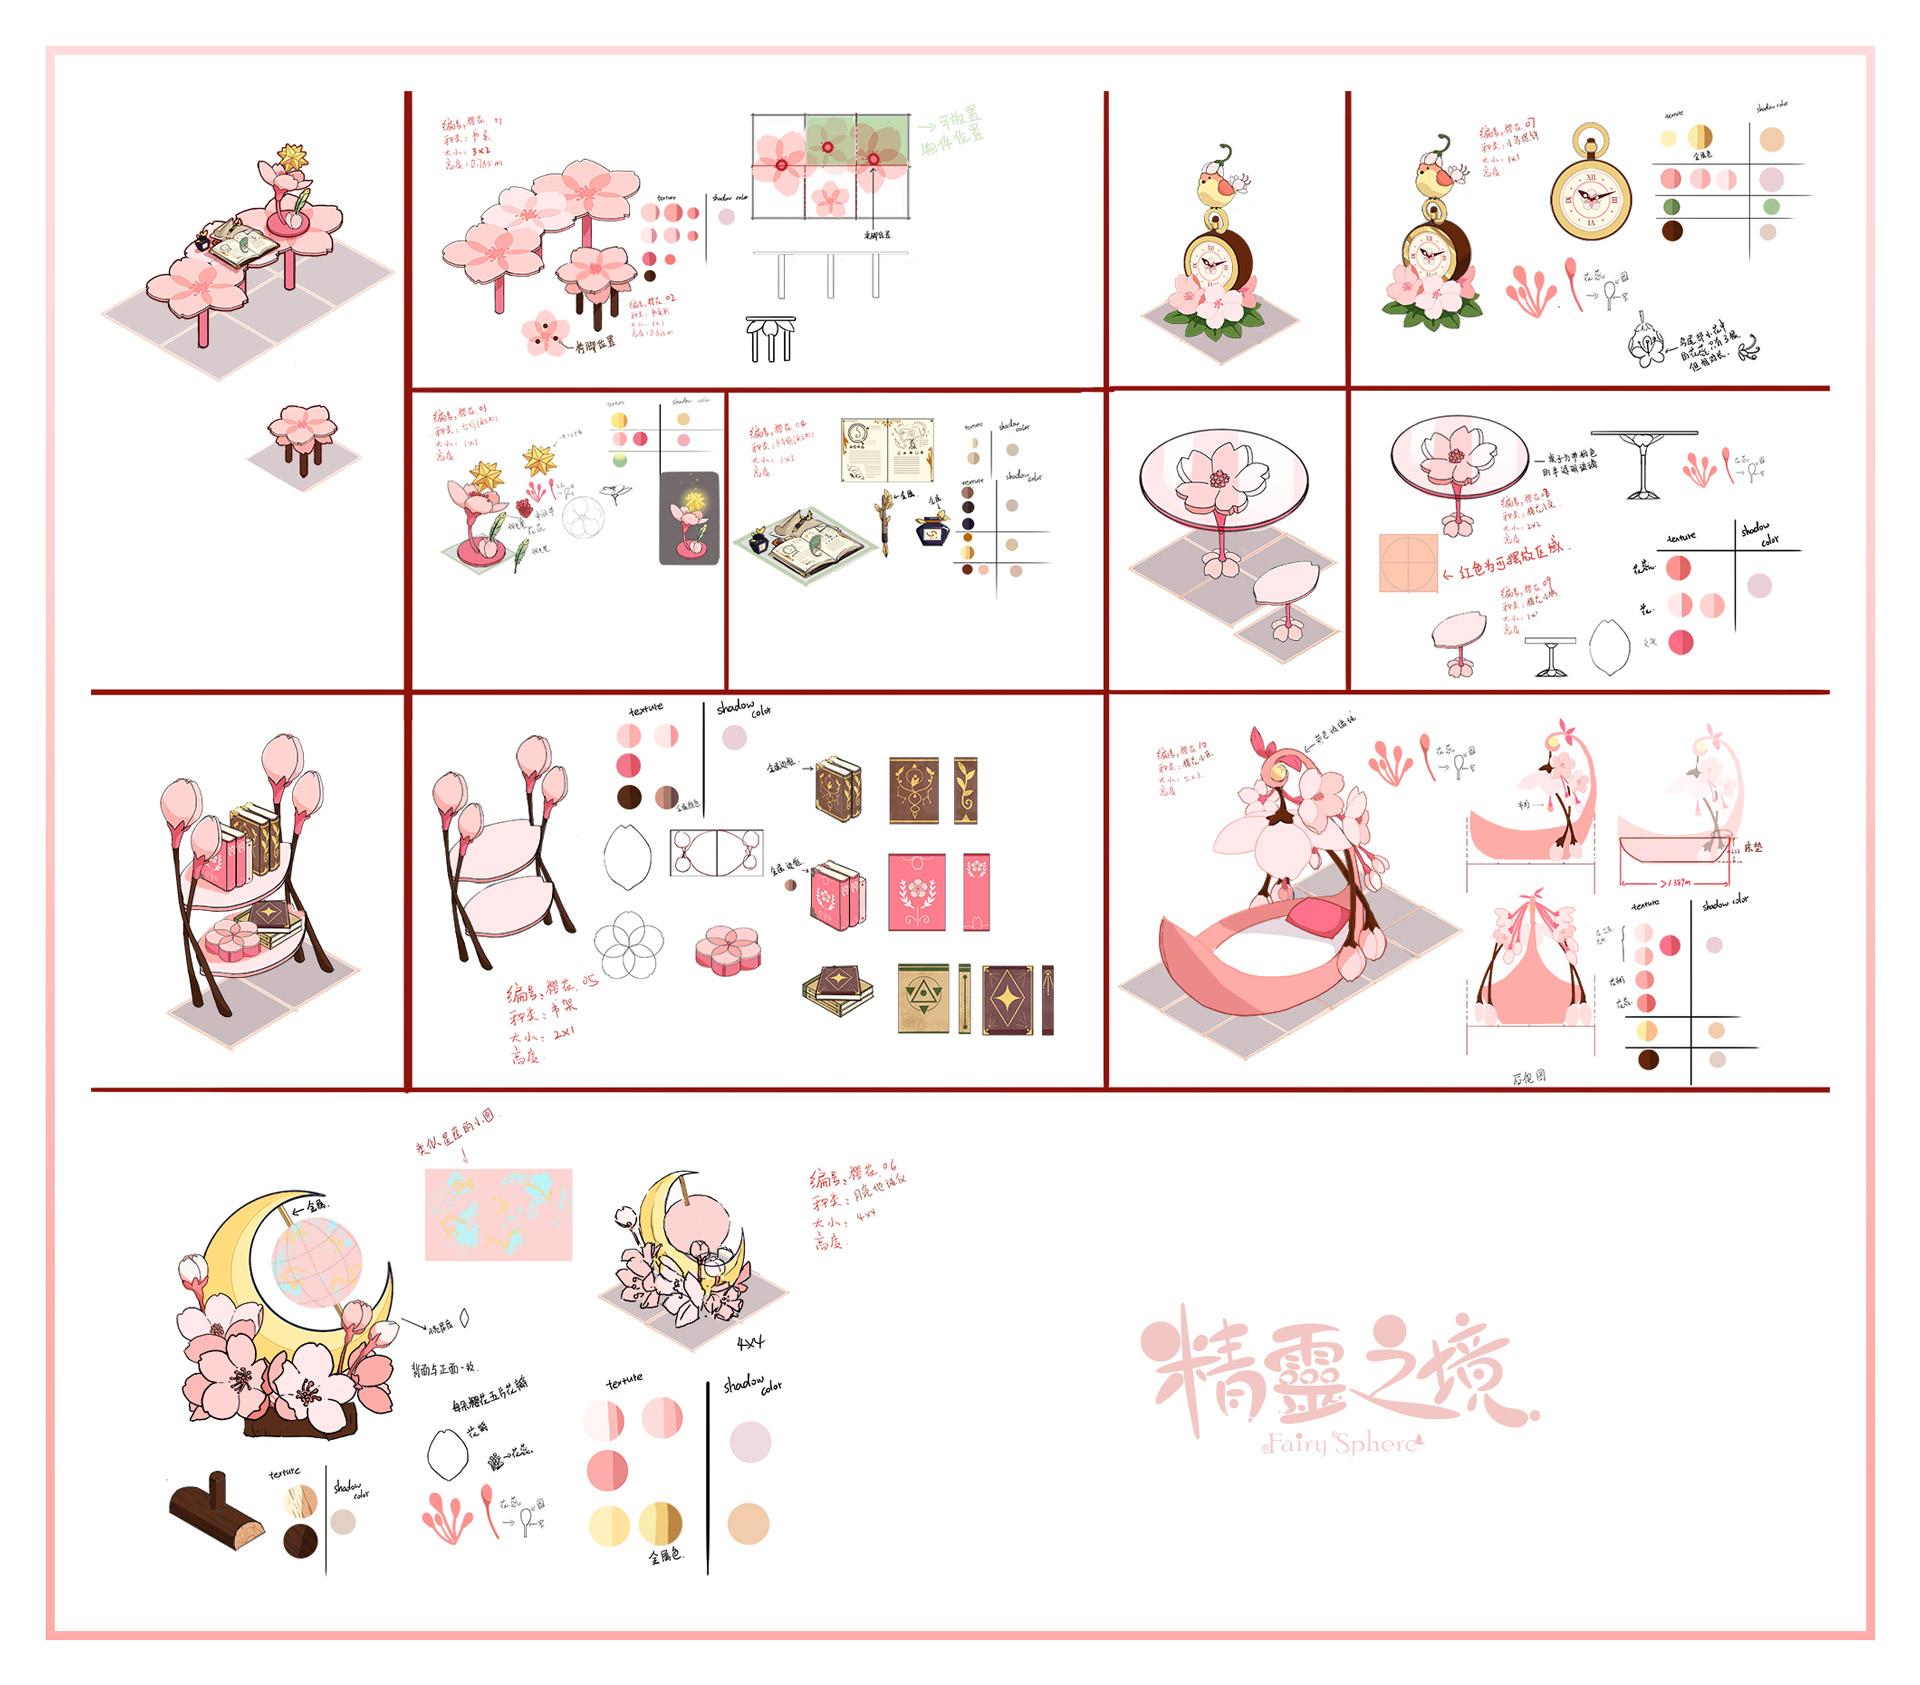 櫻花傢俱手稿圖。